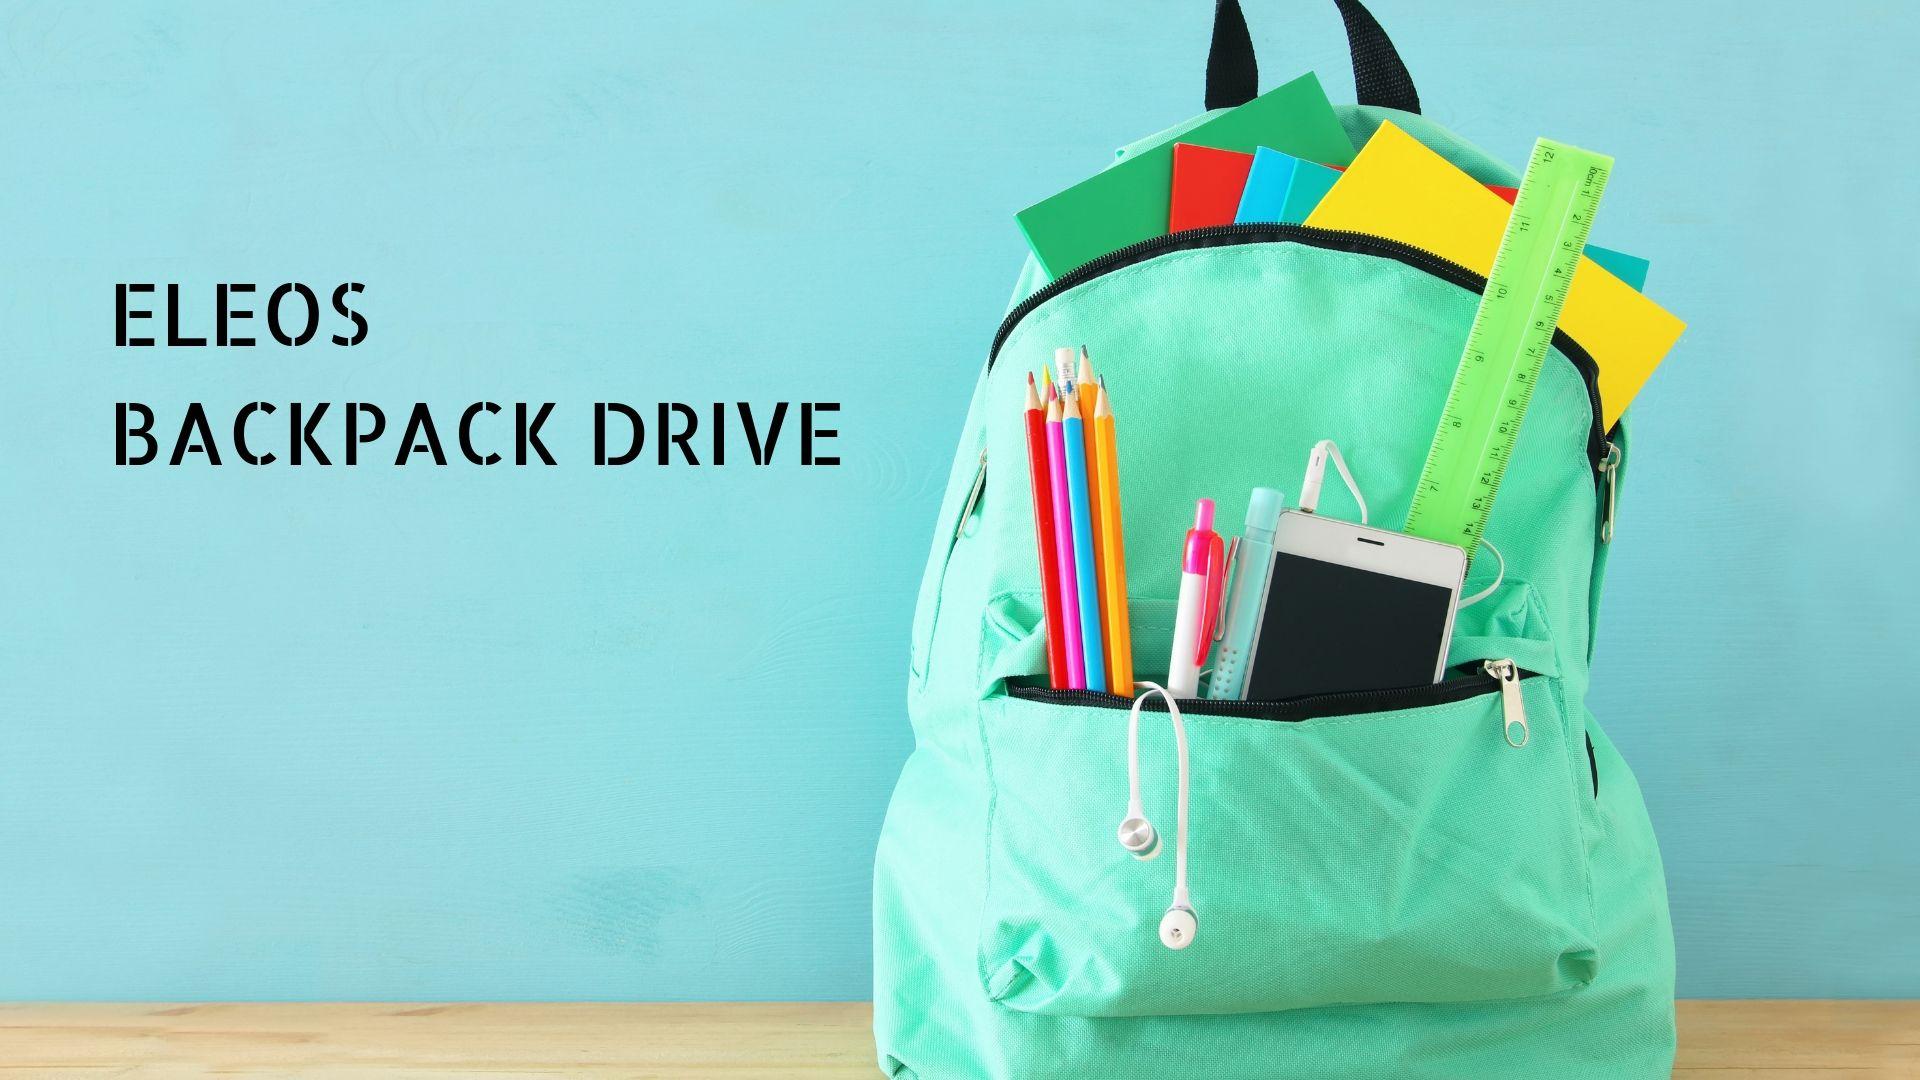 Eleos_Backpack_Drive_06_20_19.jpg